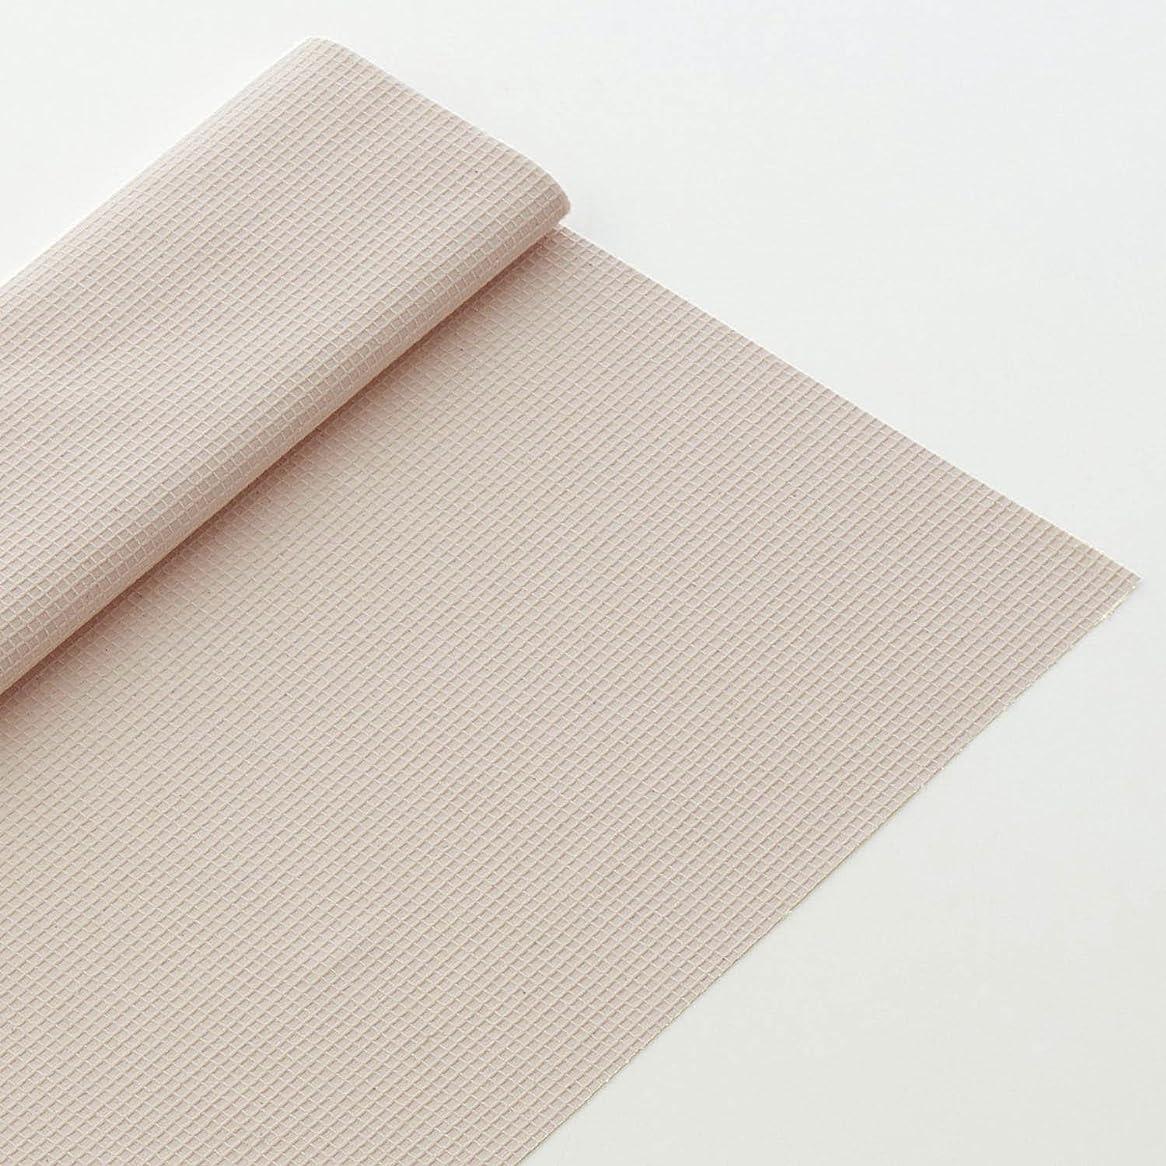 カッター推進アリーナ[ベルメゾン] すべり止め付き抗菌防臭シート[日本製] キナリ サイズ:約60×180cm